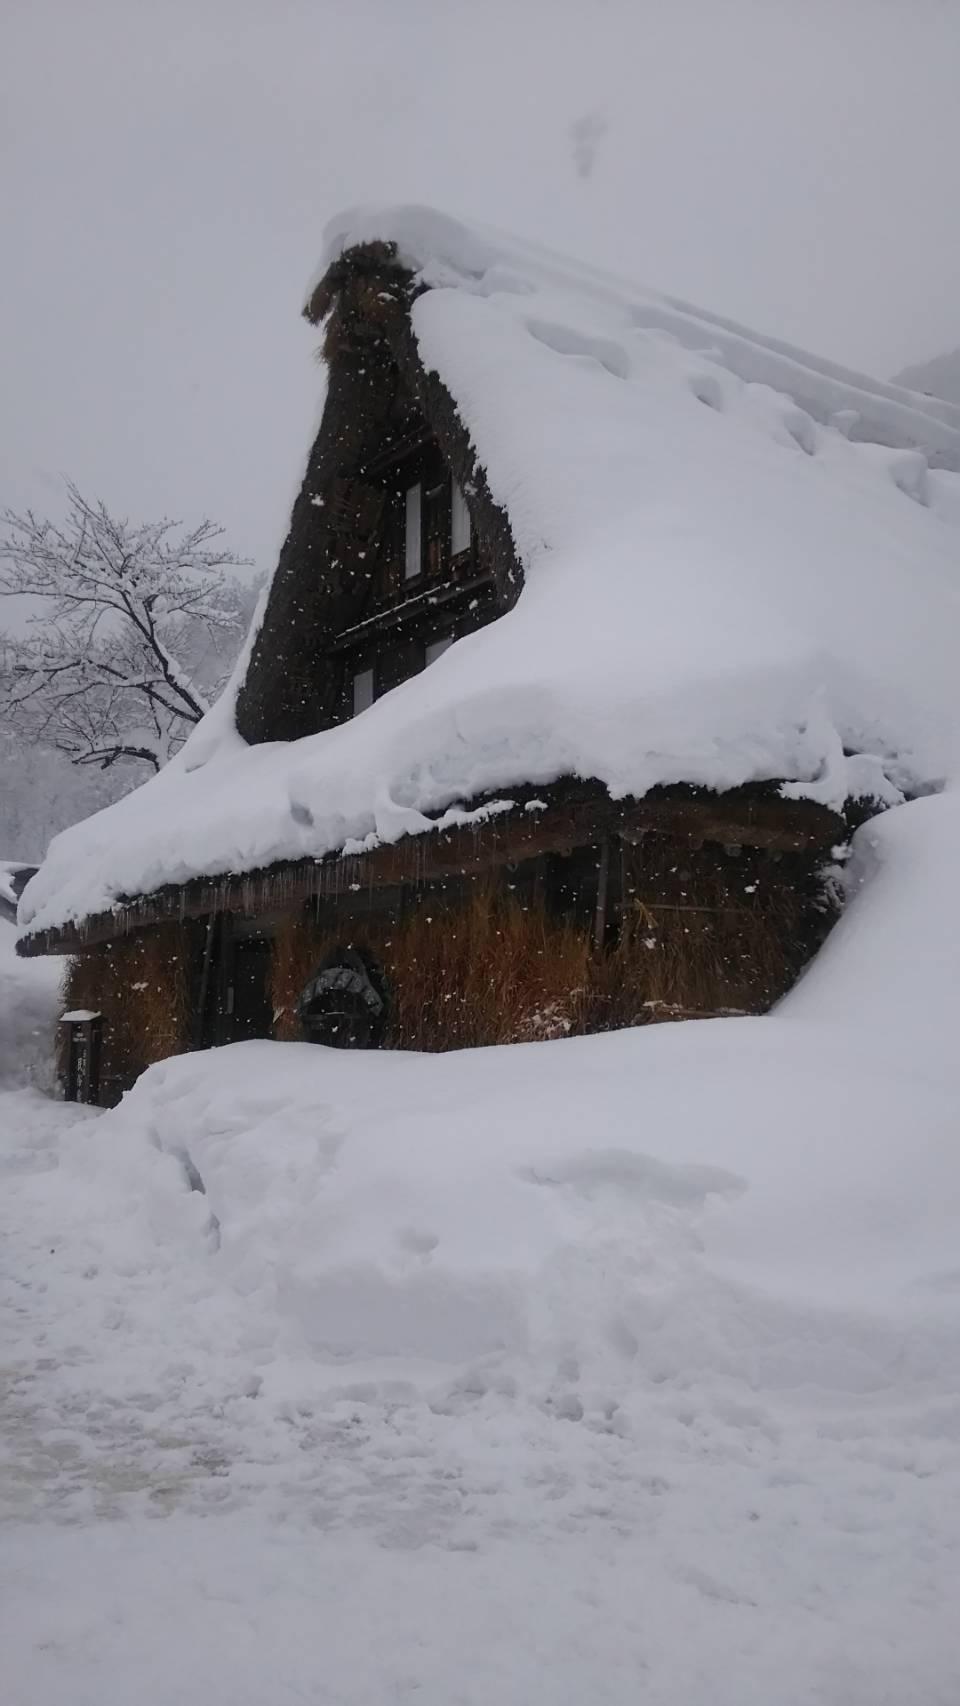 雪に埋まる合掌造りの家